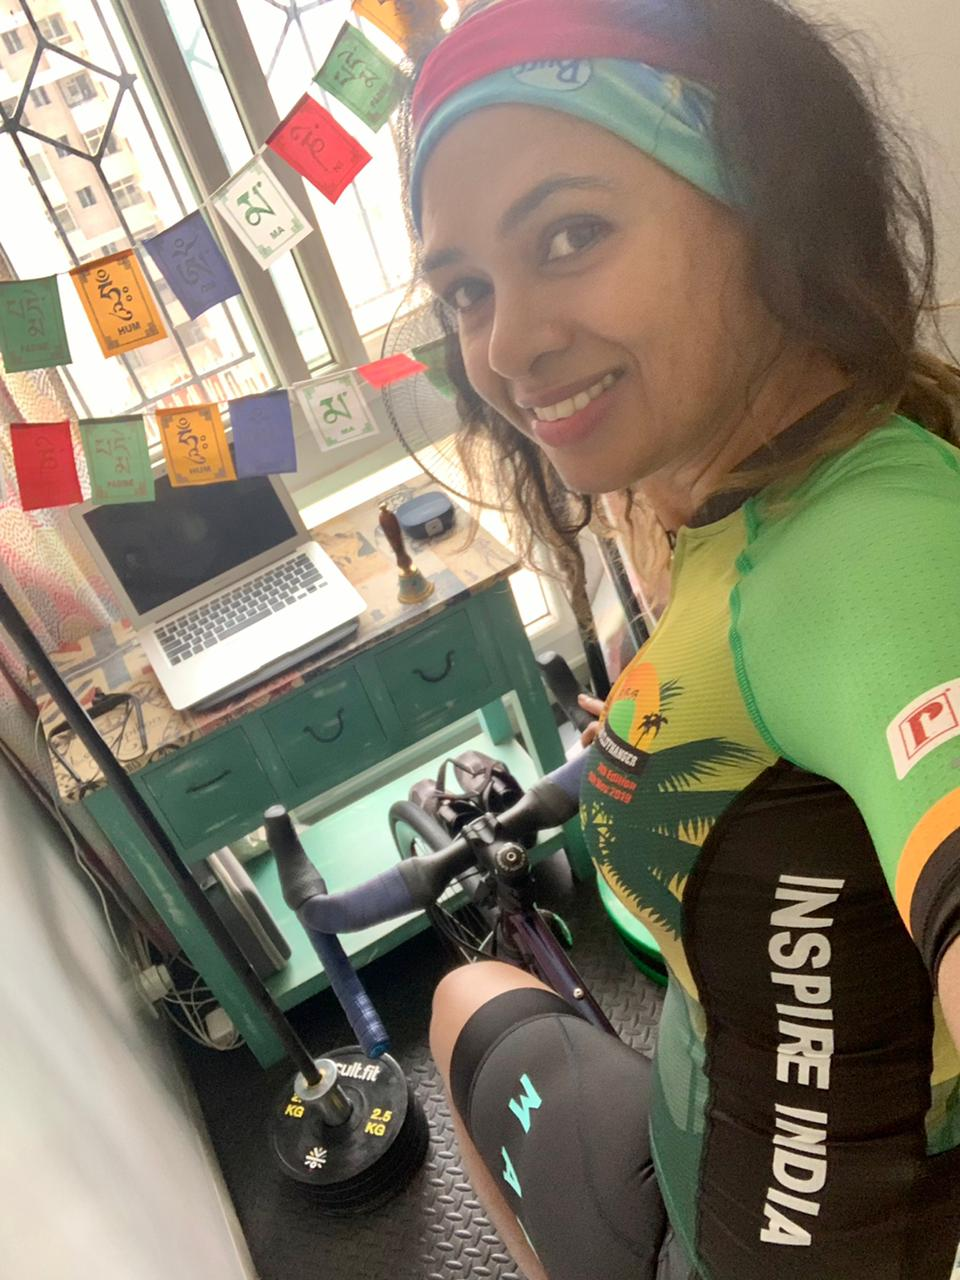 Grinshina Kartik goes Everesting